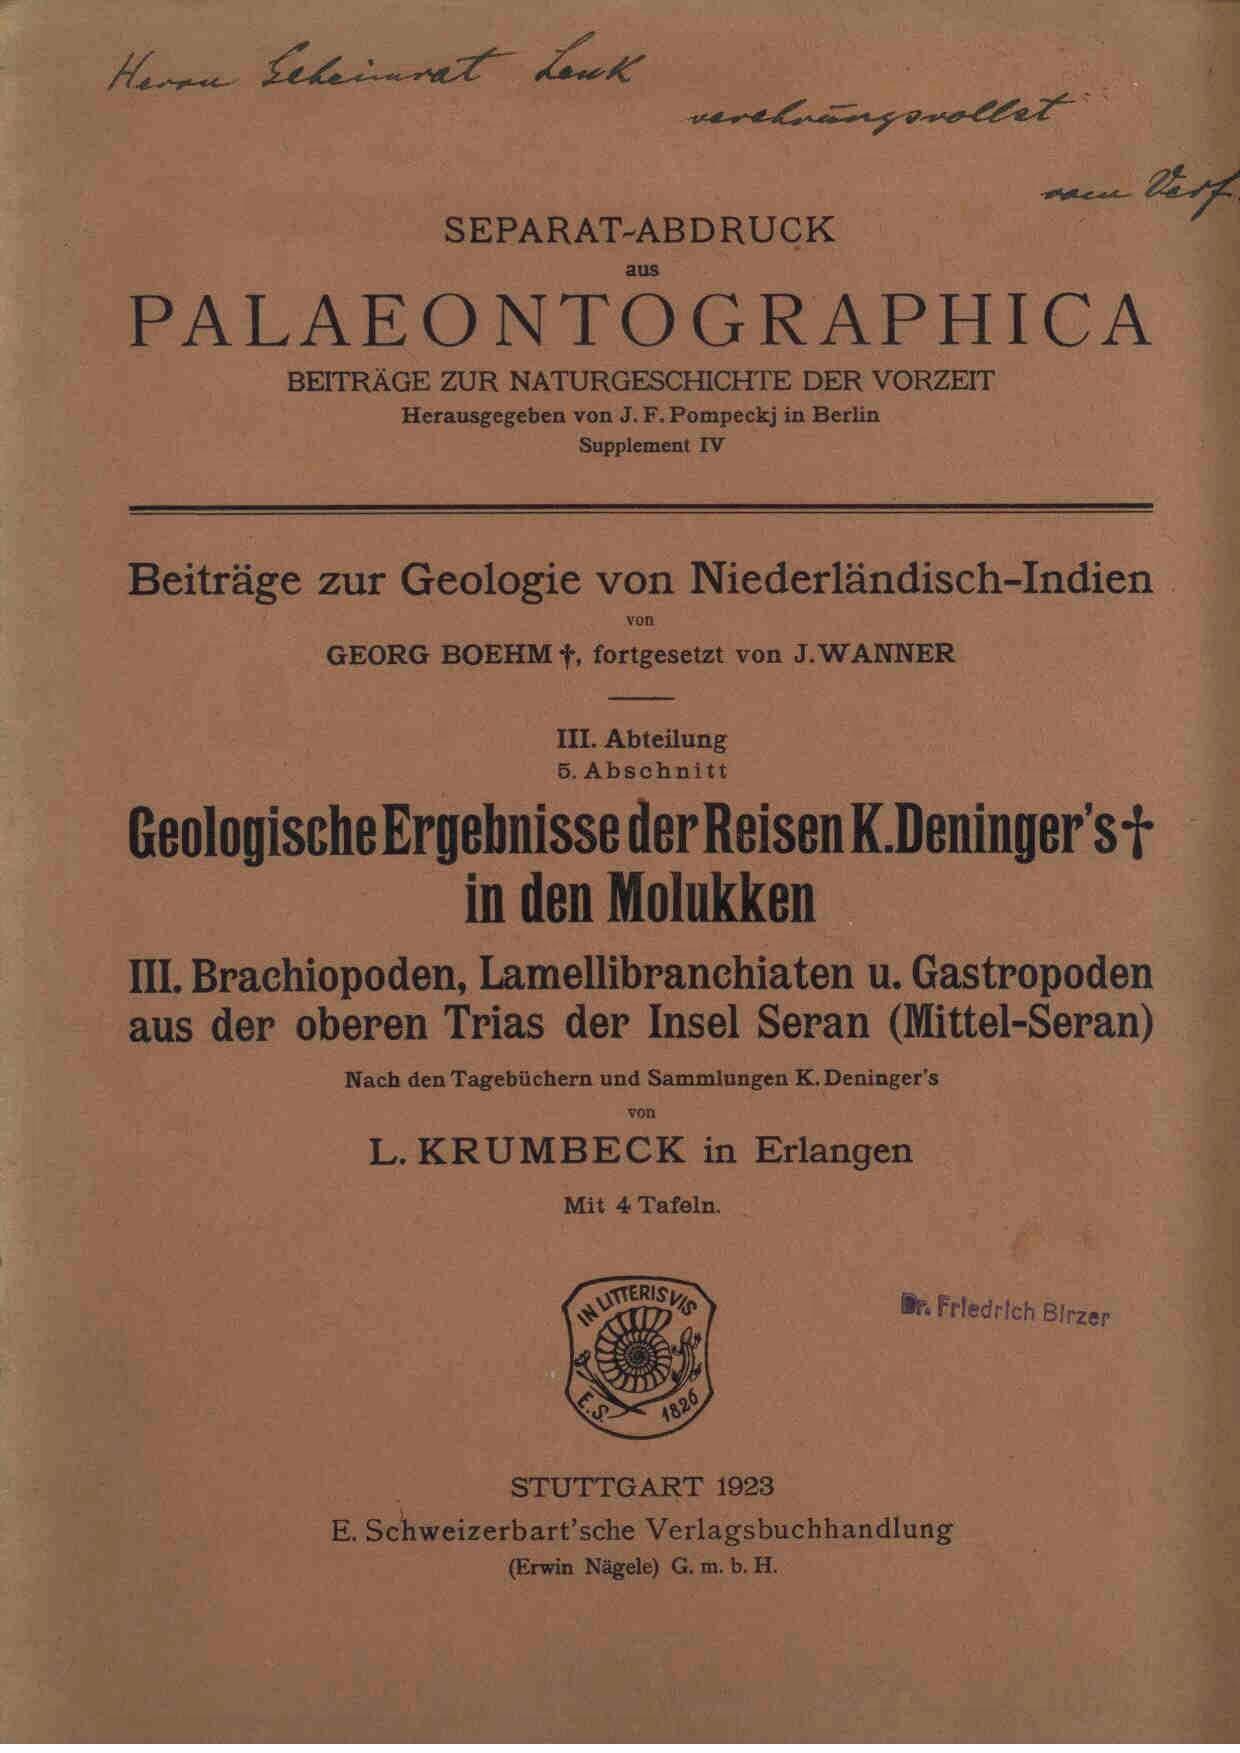 Krumbeck, L.: Geologische Ergebnisse der Reisen K. Deninger's in den Molukken. III Abteilung 5. Abschnitt